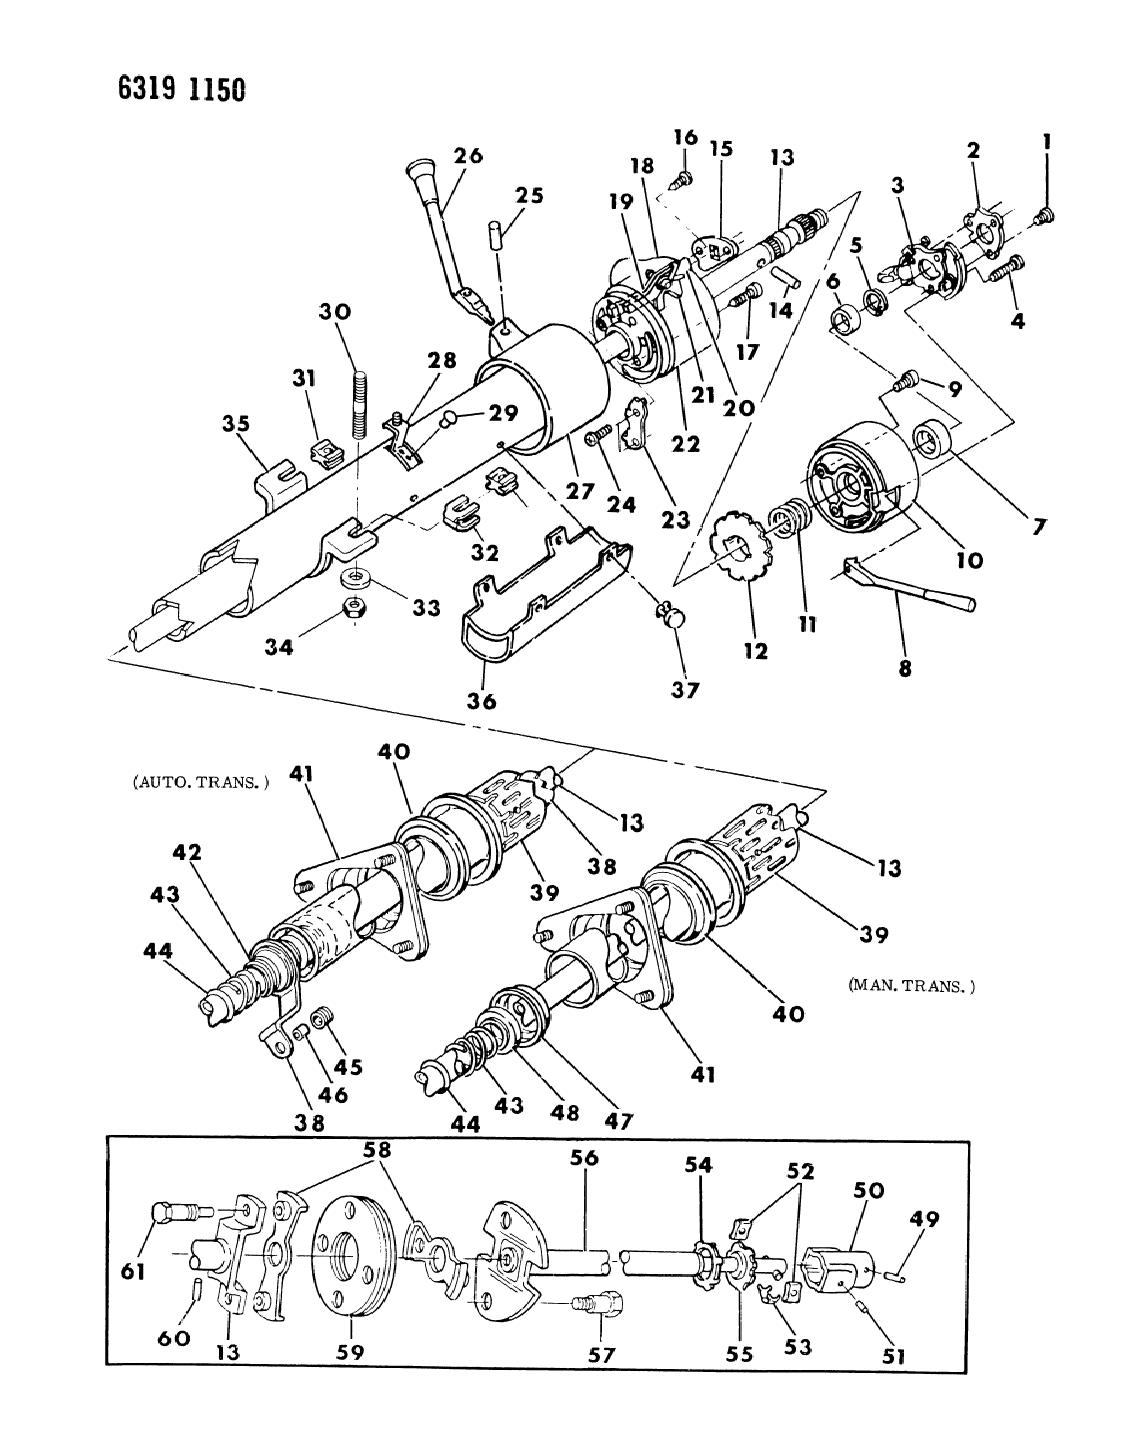 3575333 Genuine Chrysler Grommet